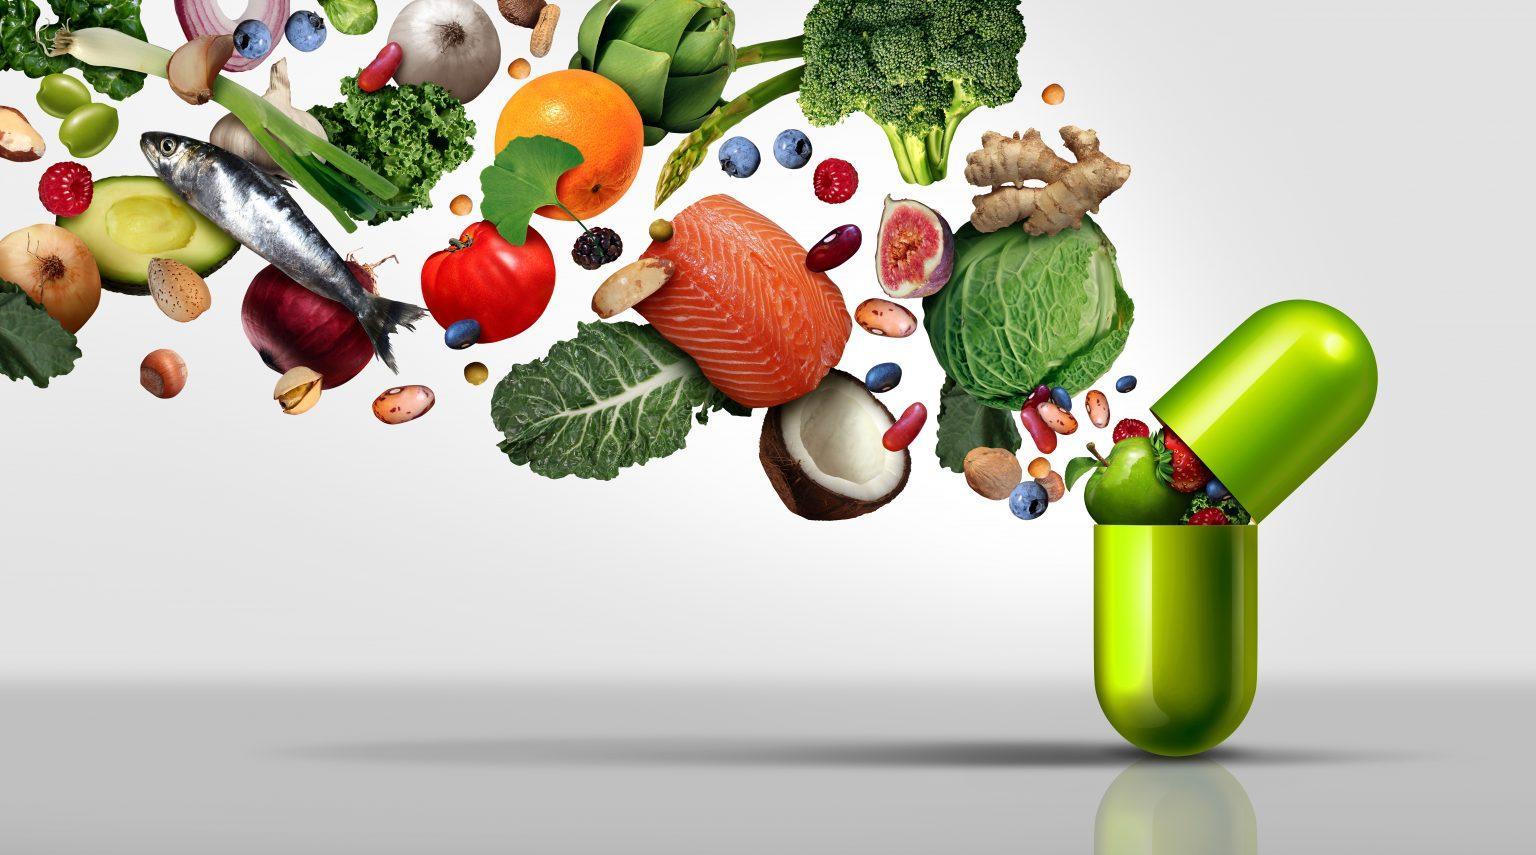 Cenne składniki zróżnicowanej diety możemy zamknąć w jedna kapsułkę